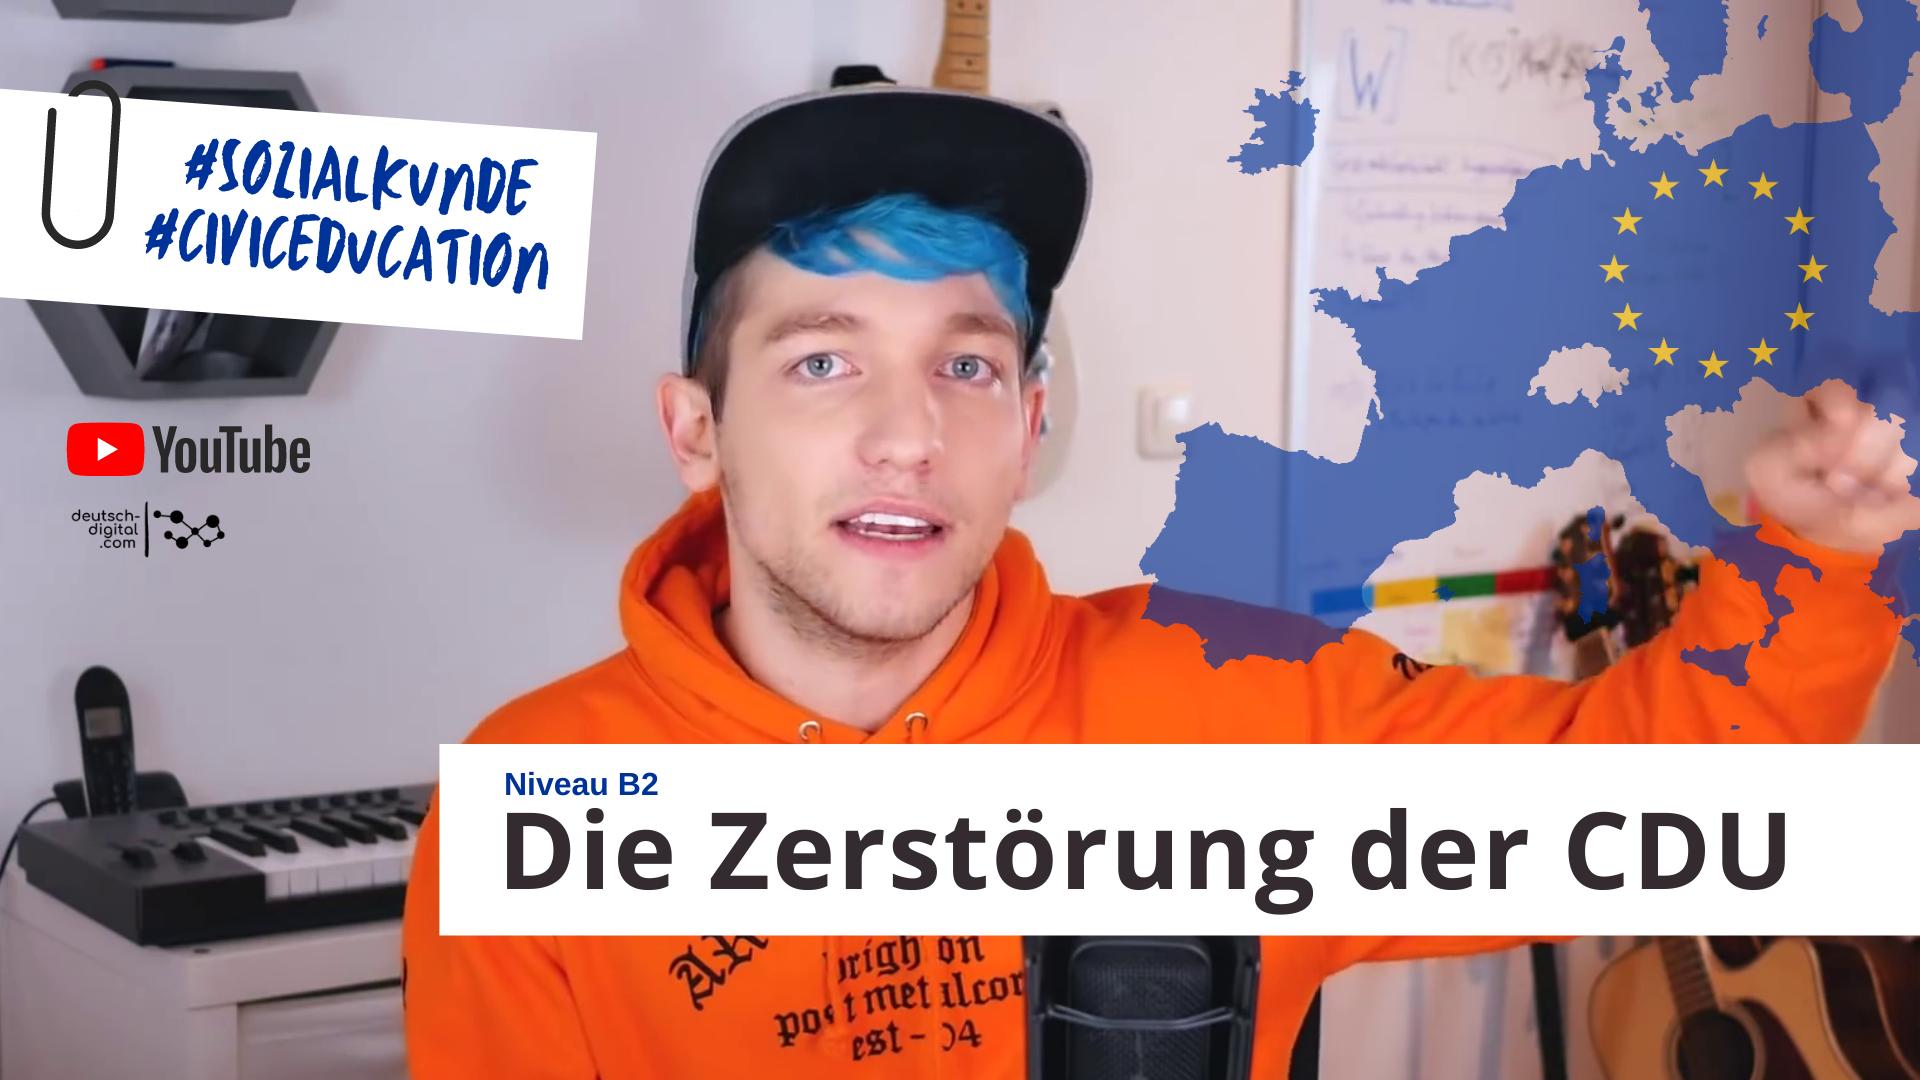 """德国网红""""Rezo""""在网上发视频,炮轰基民盟"""